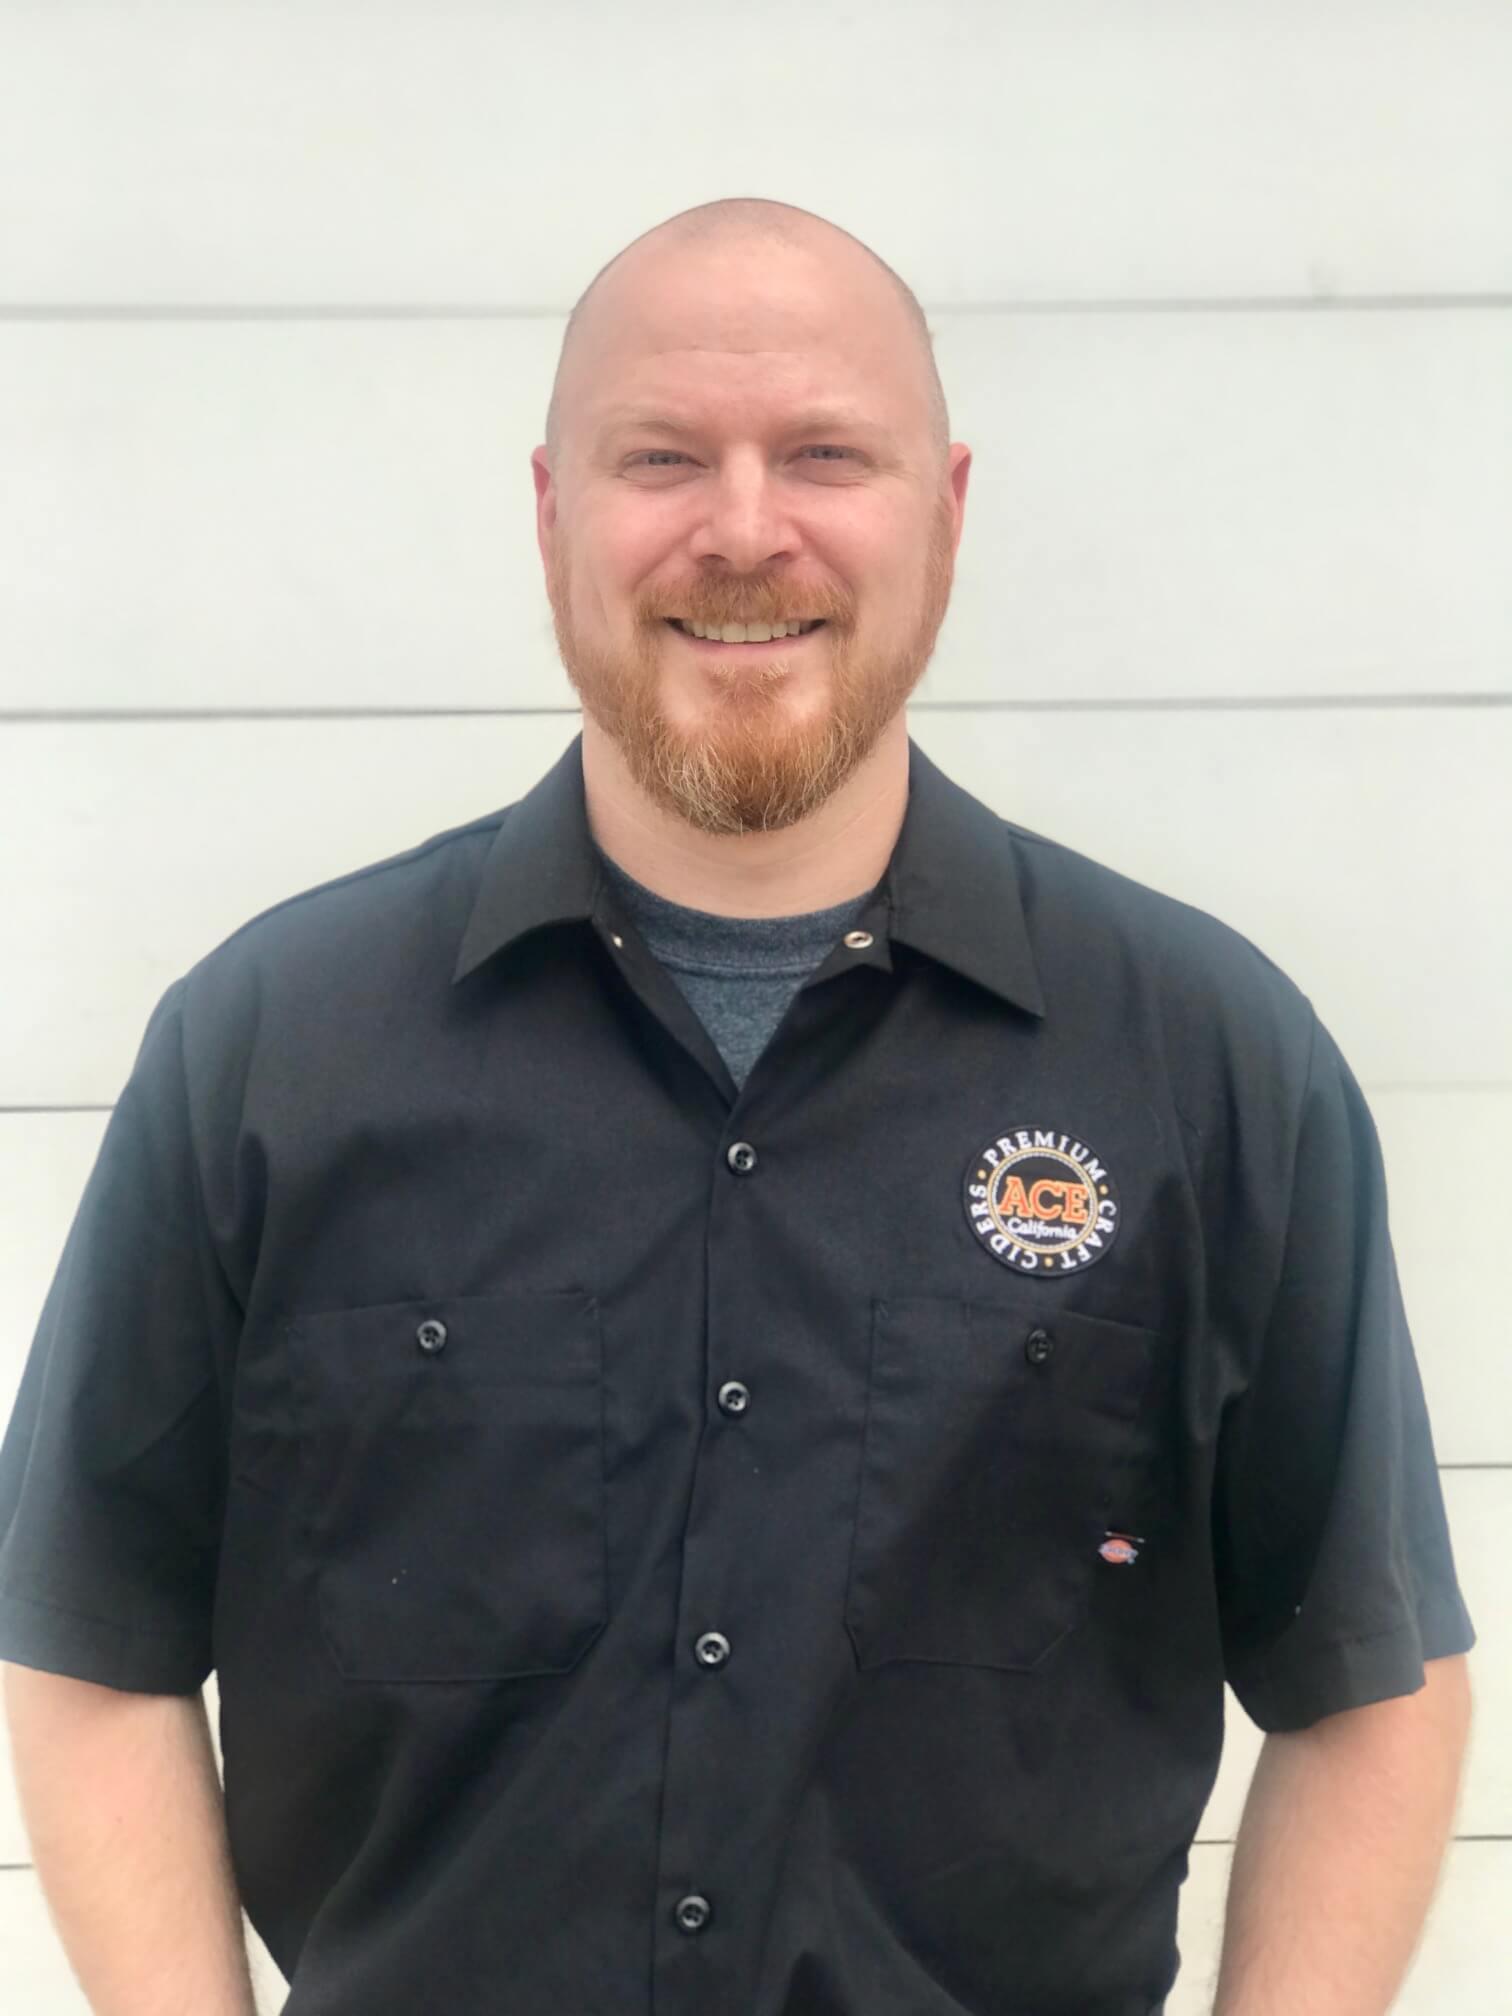 Scott Kreydich - Midwest Market Manager